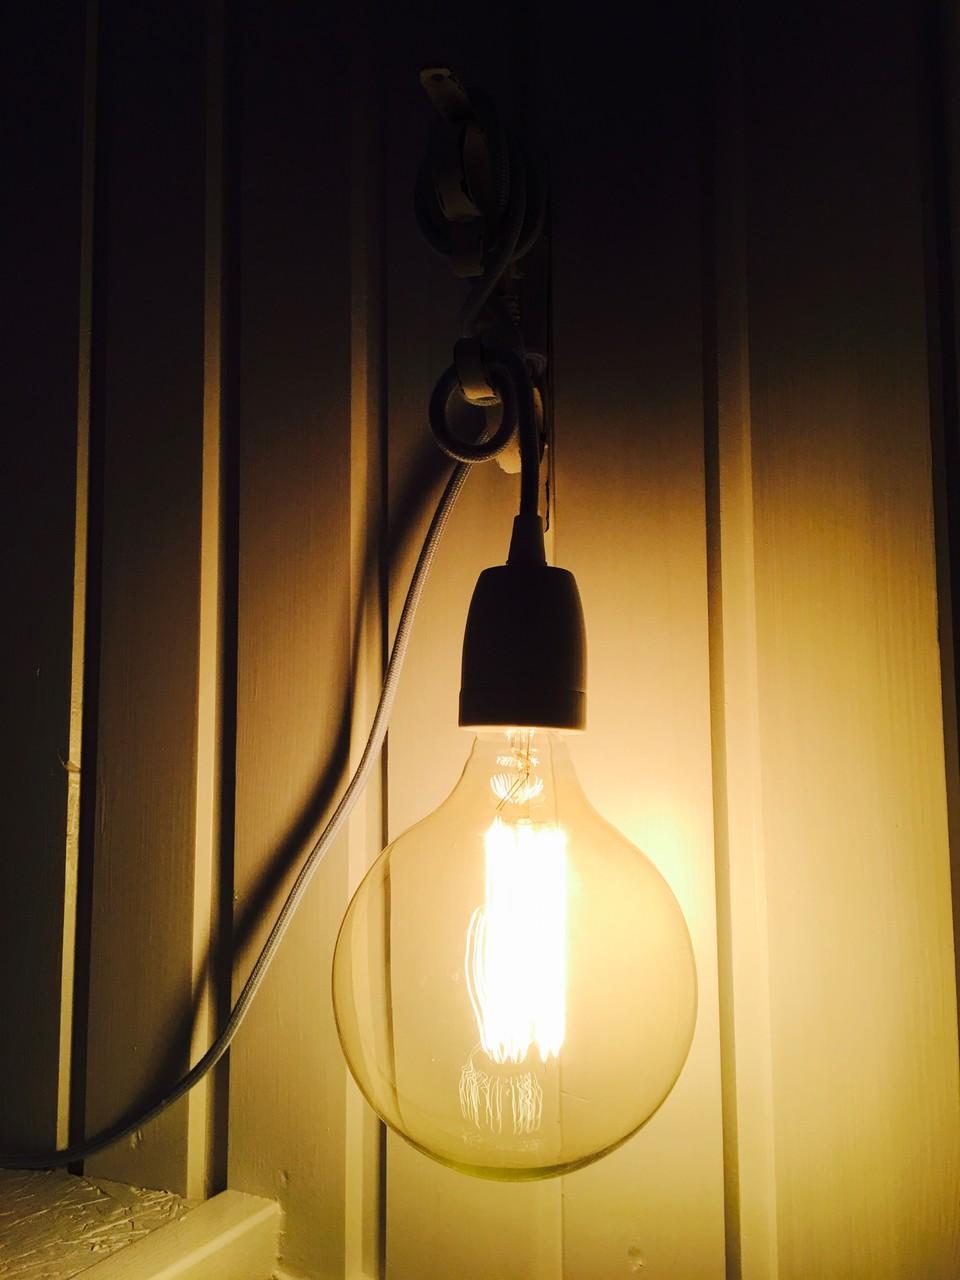 Warmes Licht in grellen LED-Zeiten